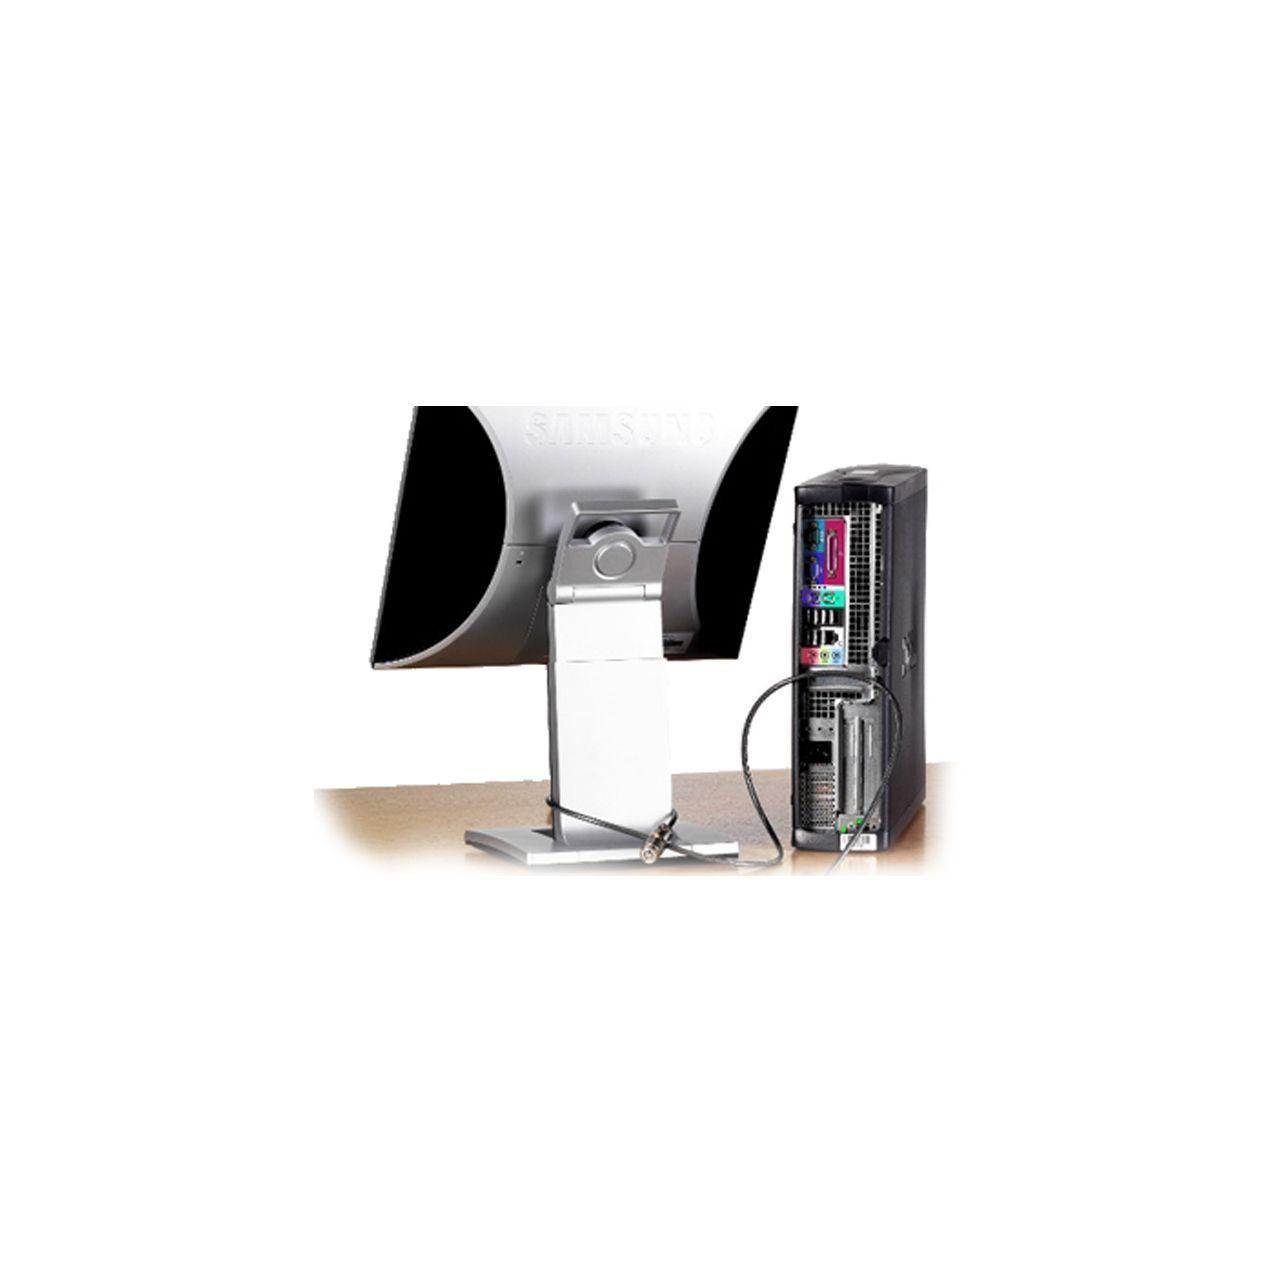 flatscreen en cpu antidiefstal kabels en veiligheid ERKAKAB302 Voorkant